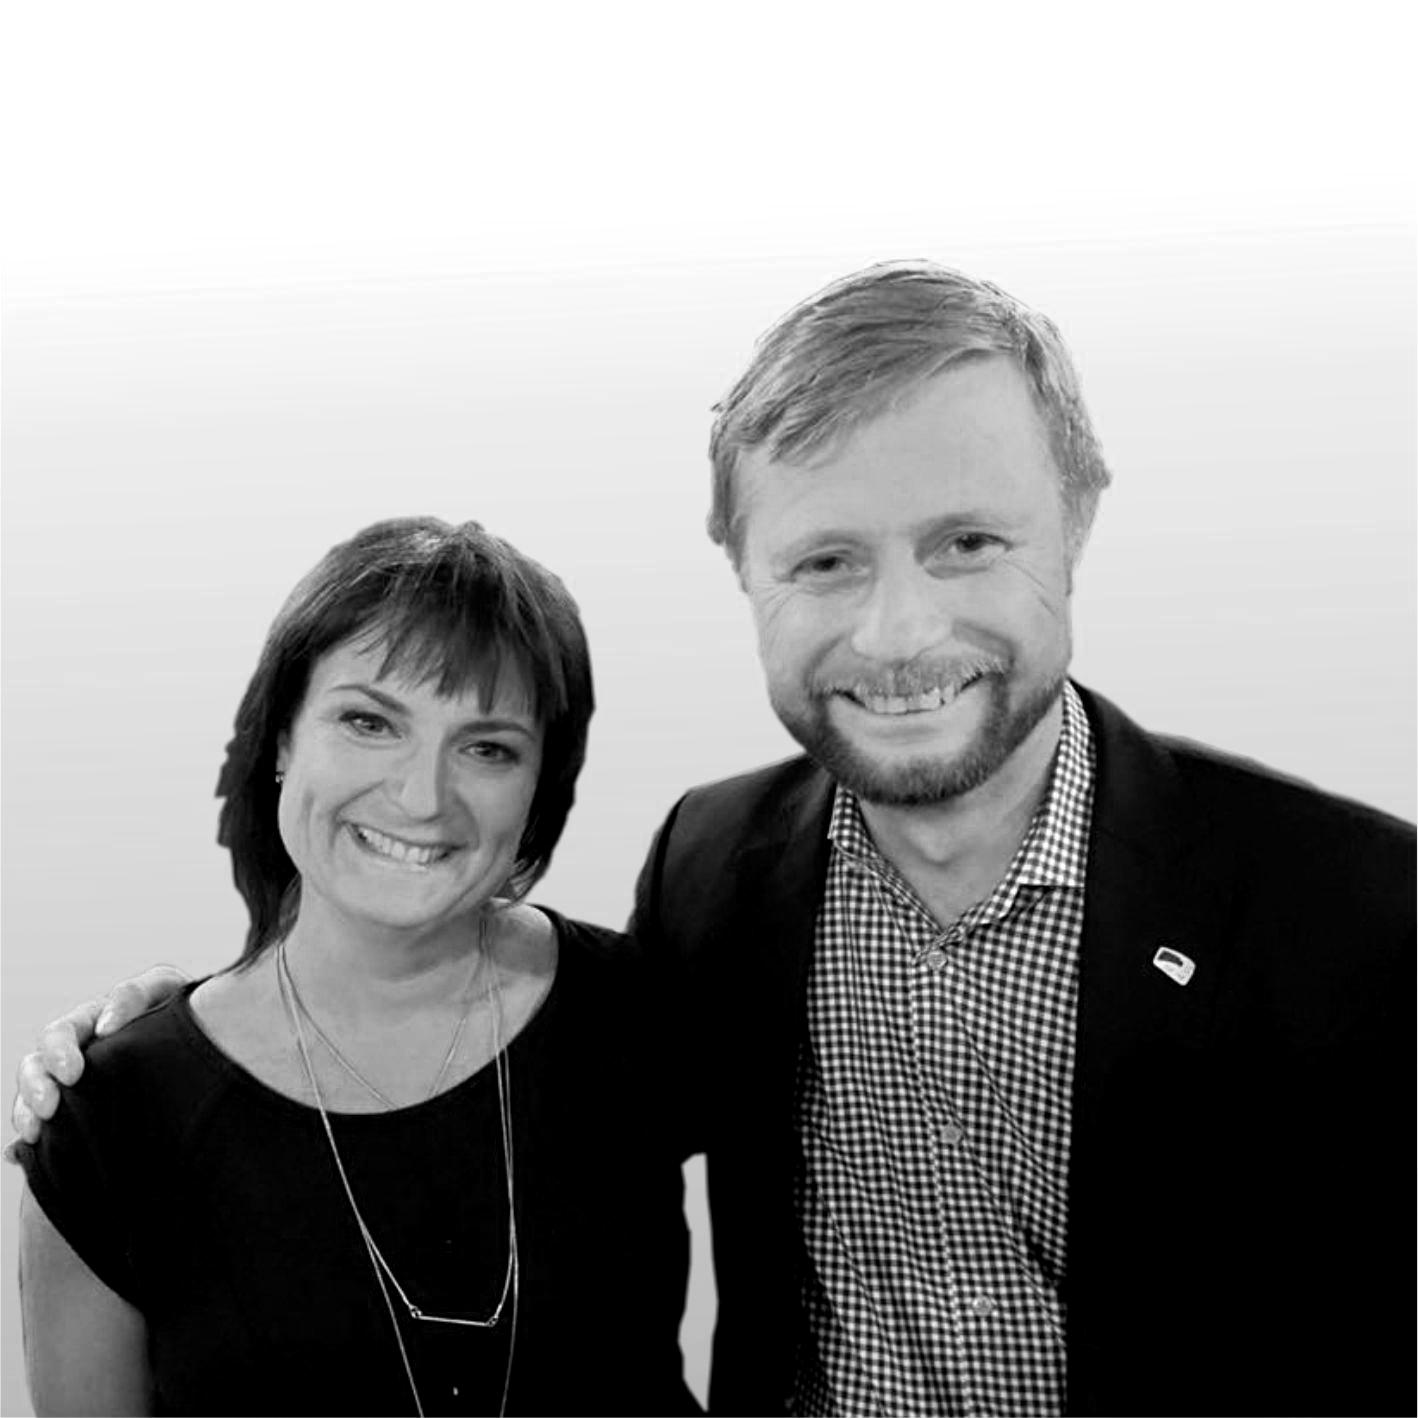 Marianne Dybwad og Bent Høie | Aksjon Sunnaas 2015